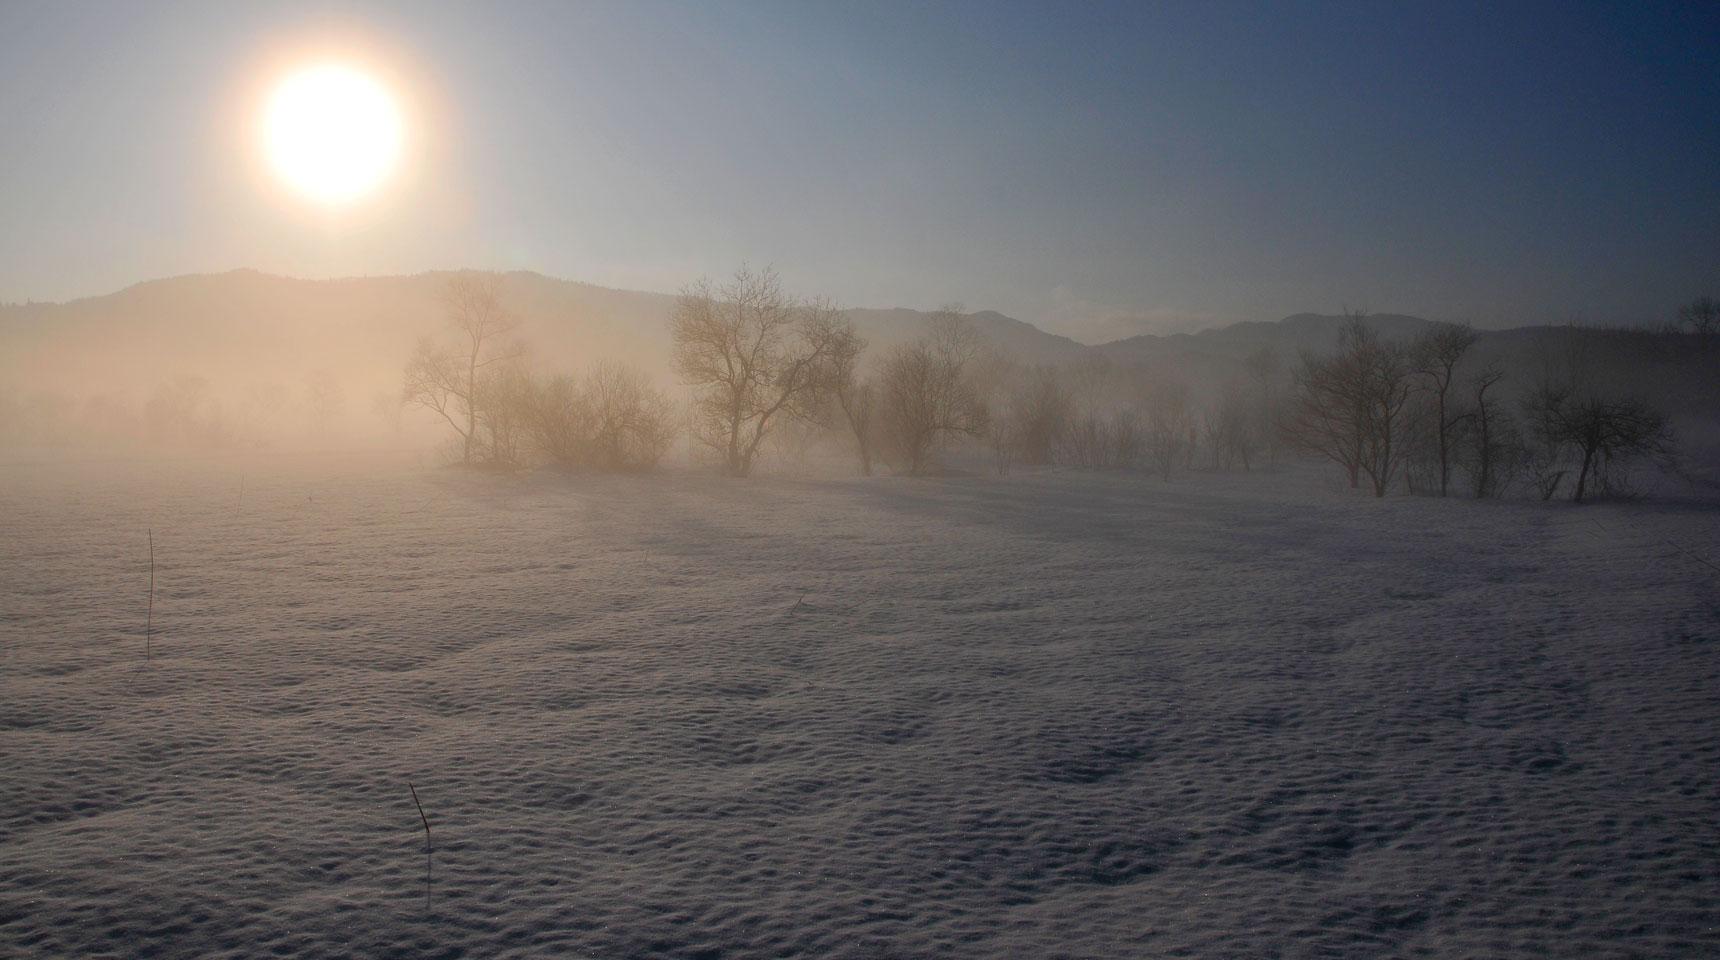 スライド84 白馬村神城 霧氷の朝